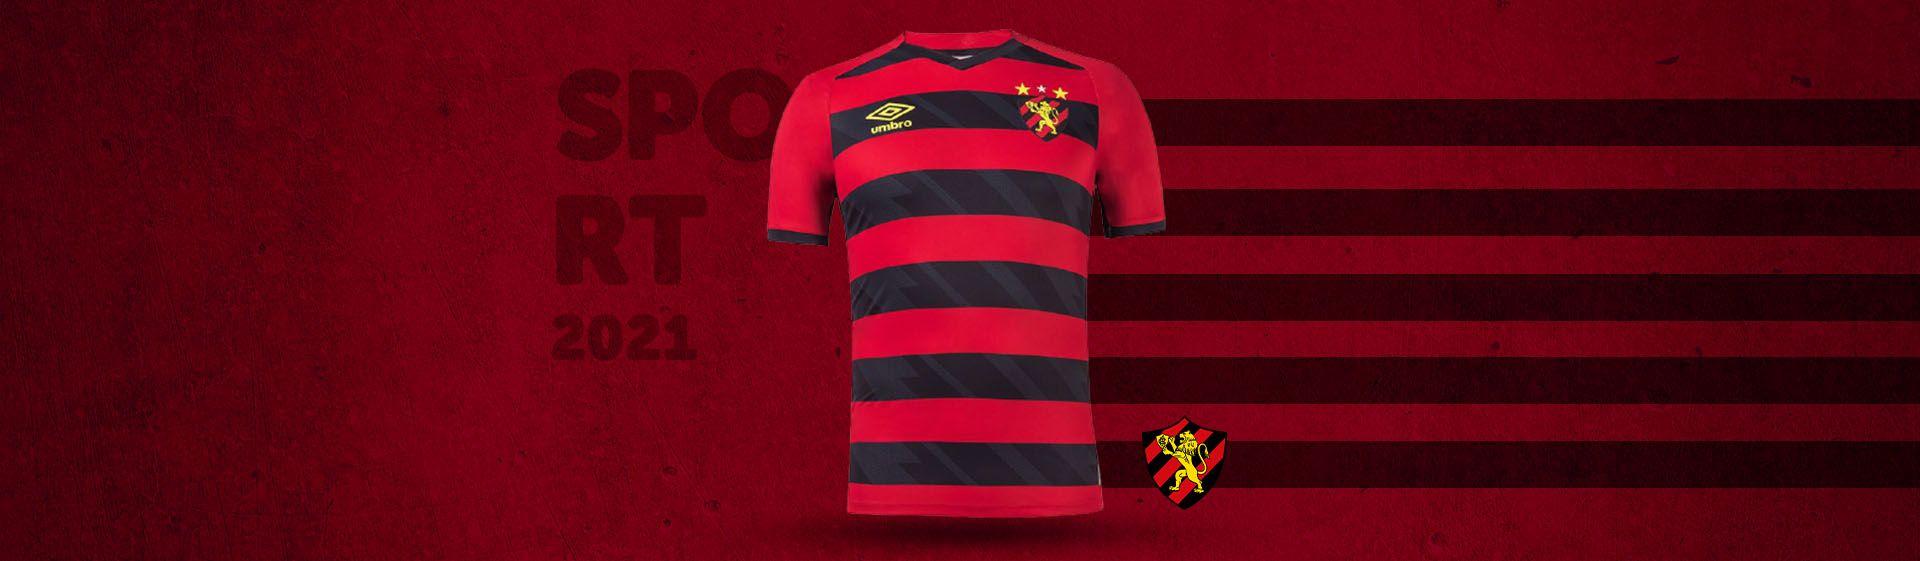 Camisa do Sport: camisas do Sport para comprar em 2021